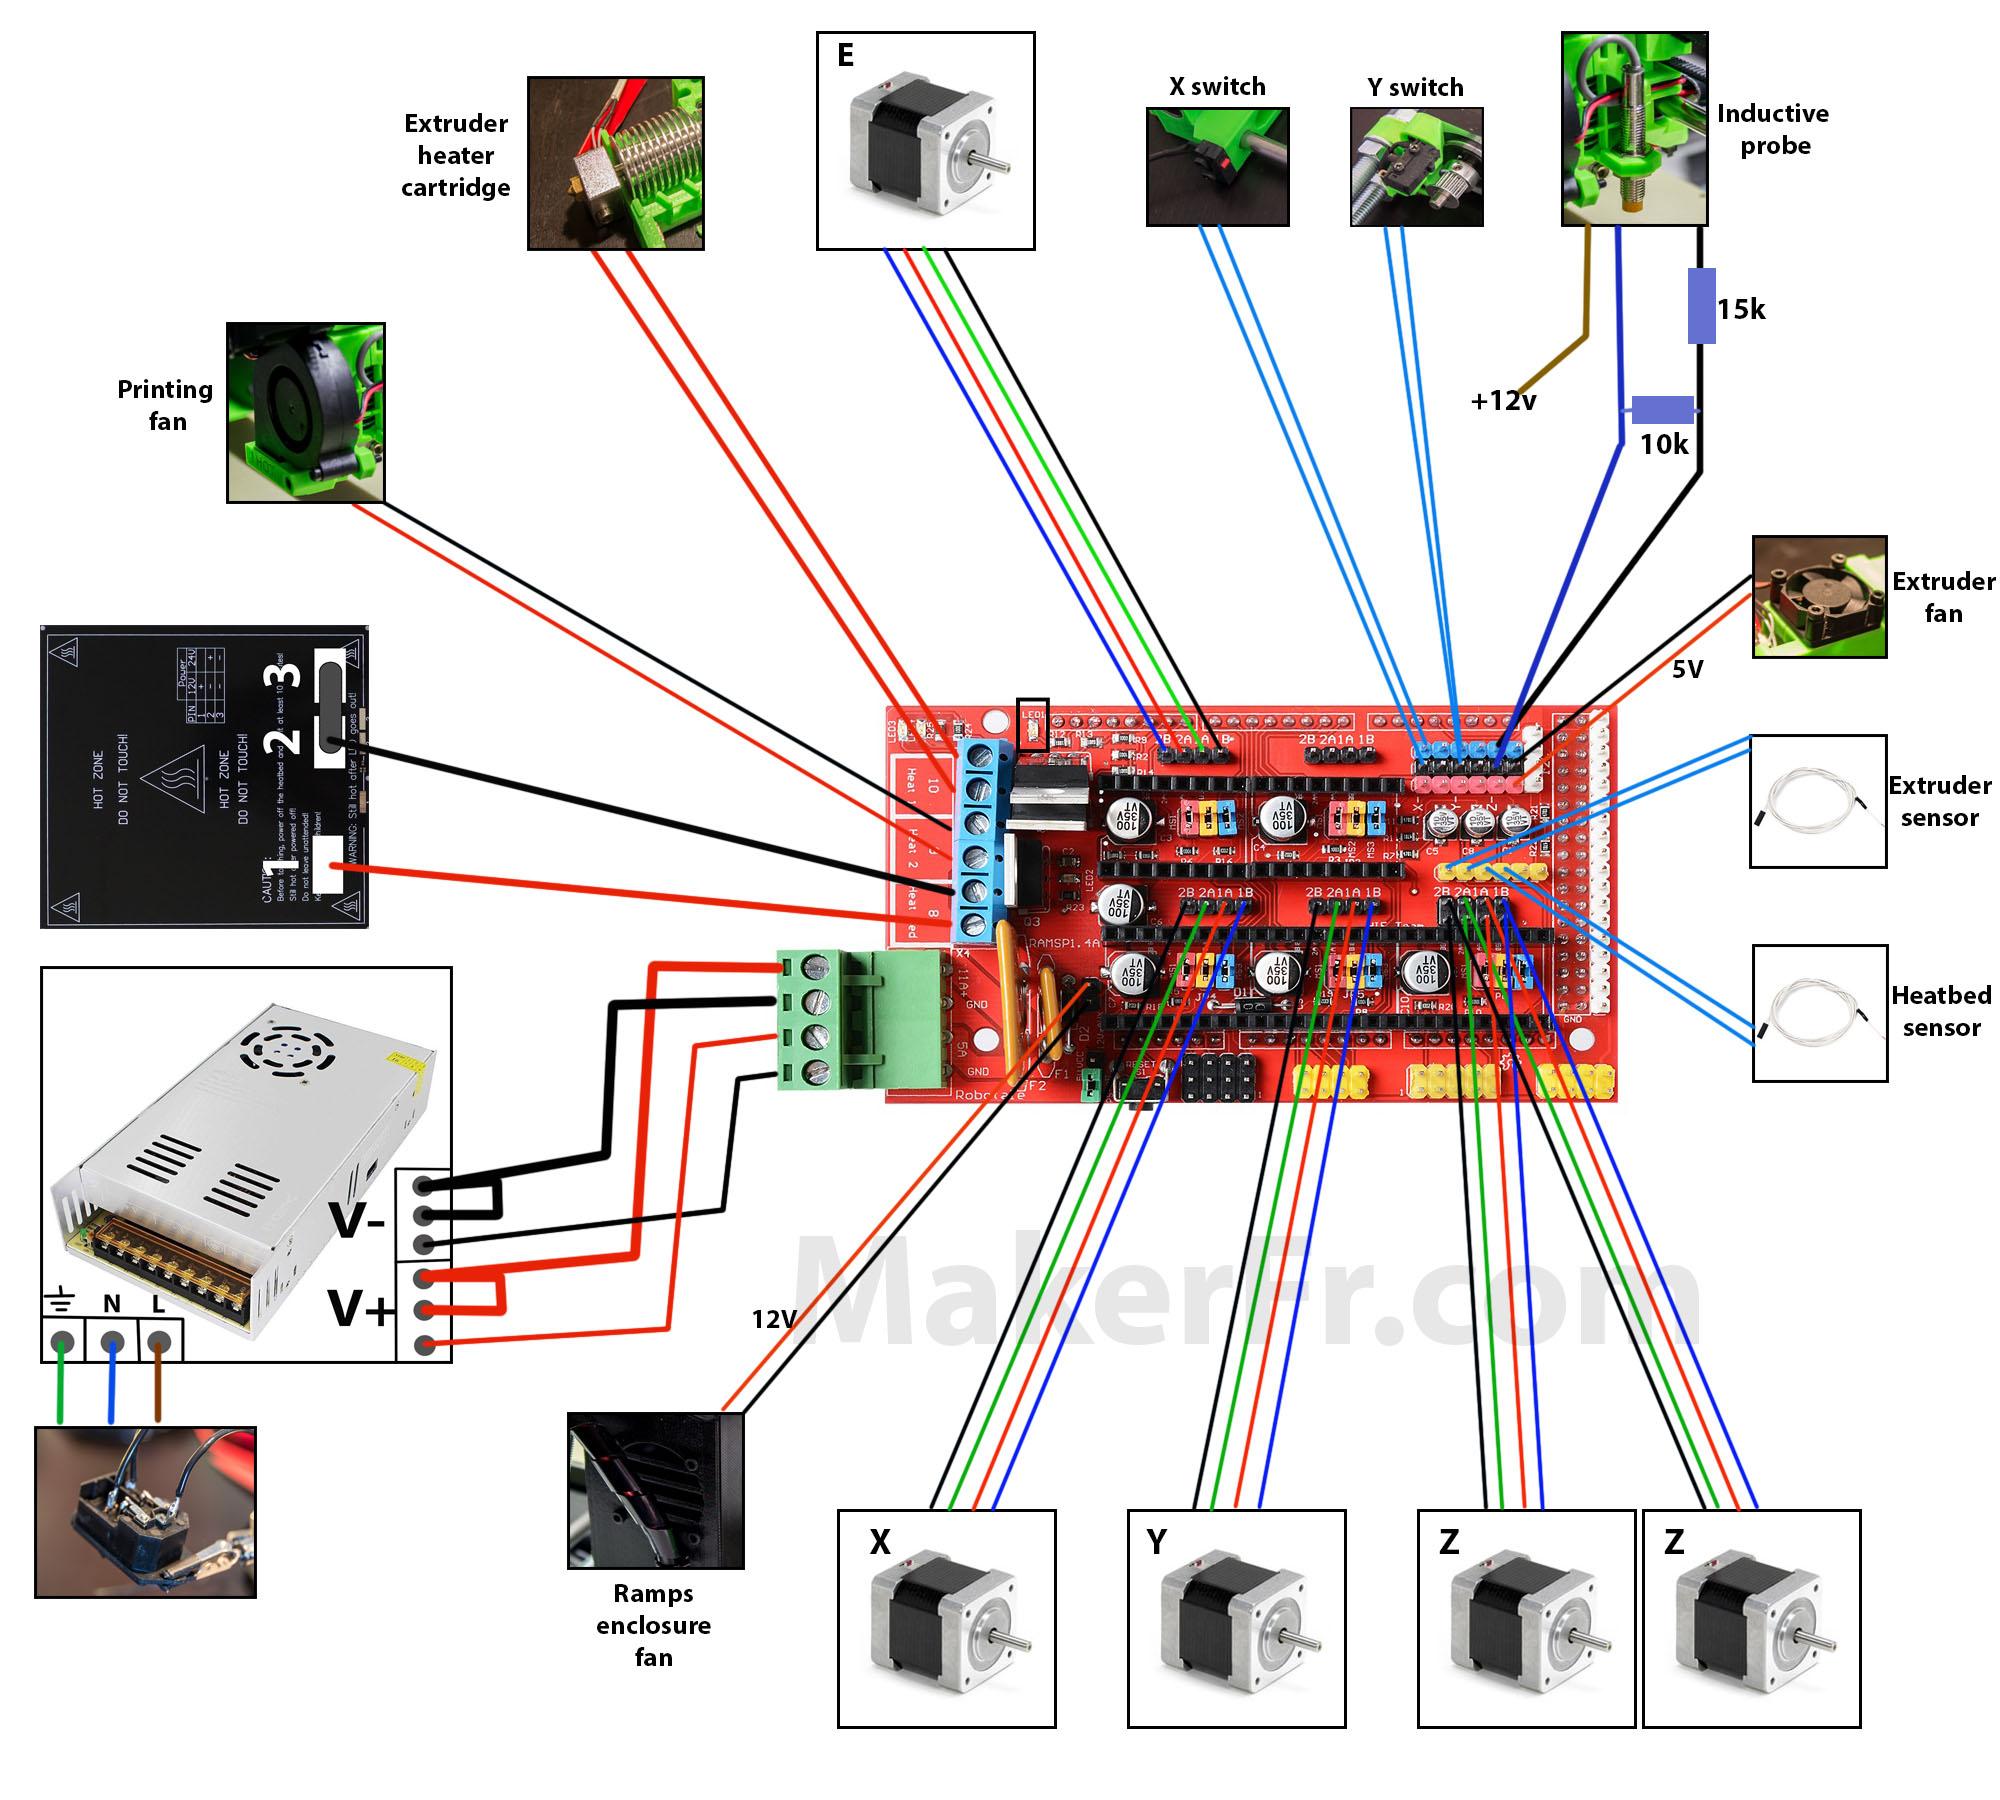 Ramps 1 4 Wiring Diagram | Wiring Diagram on